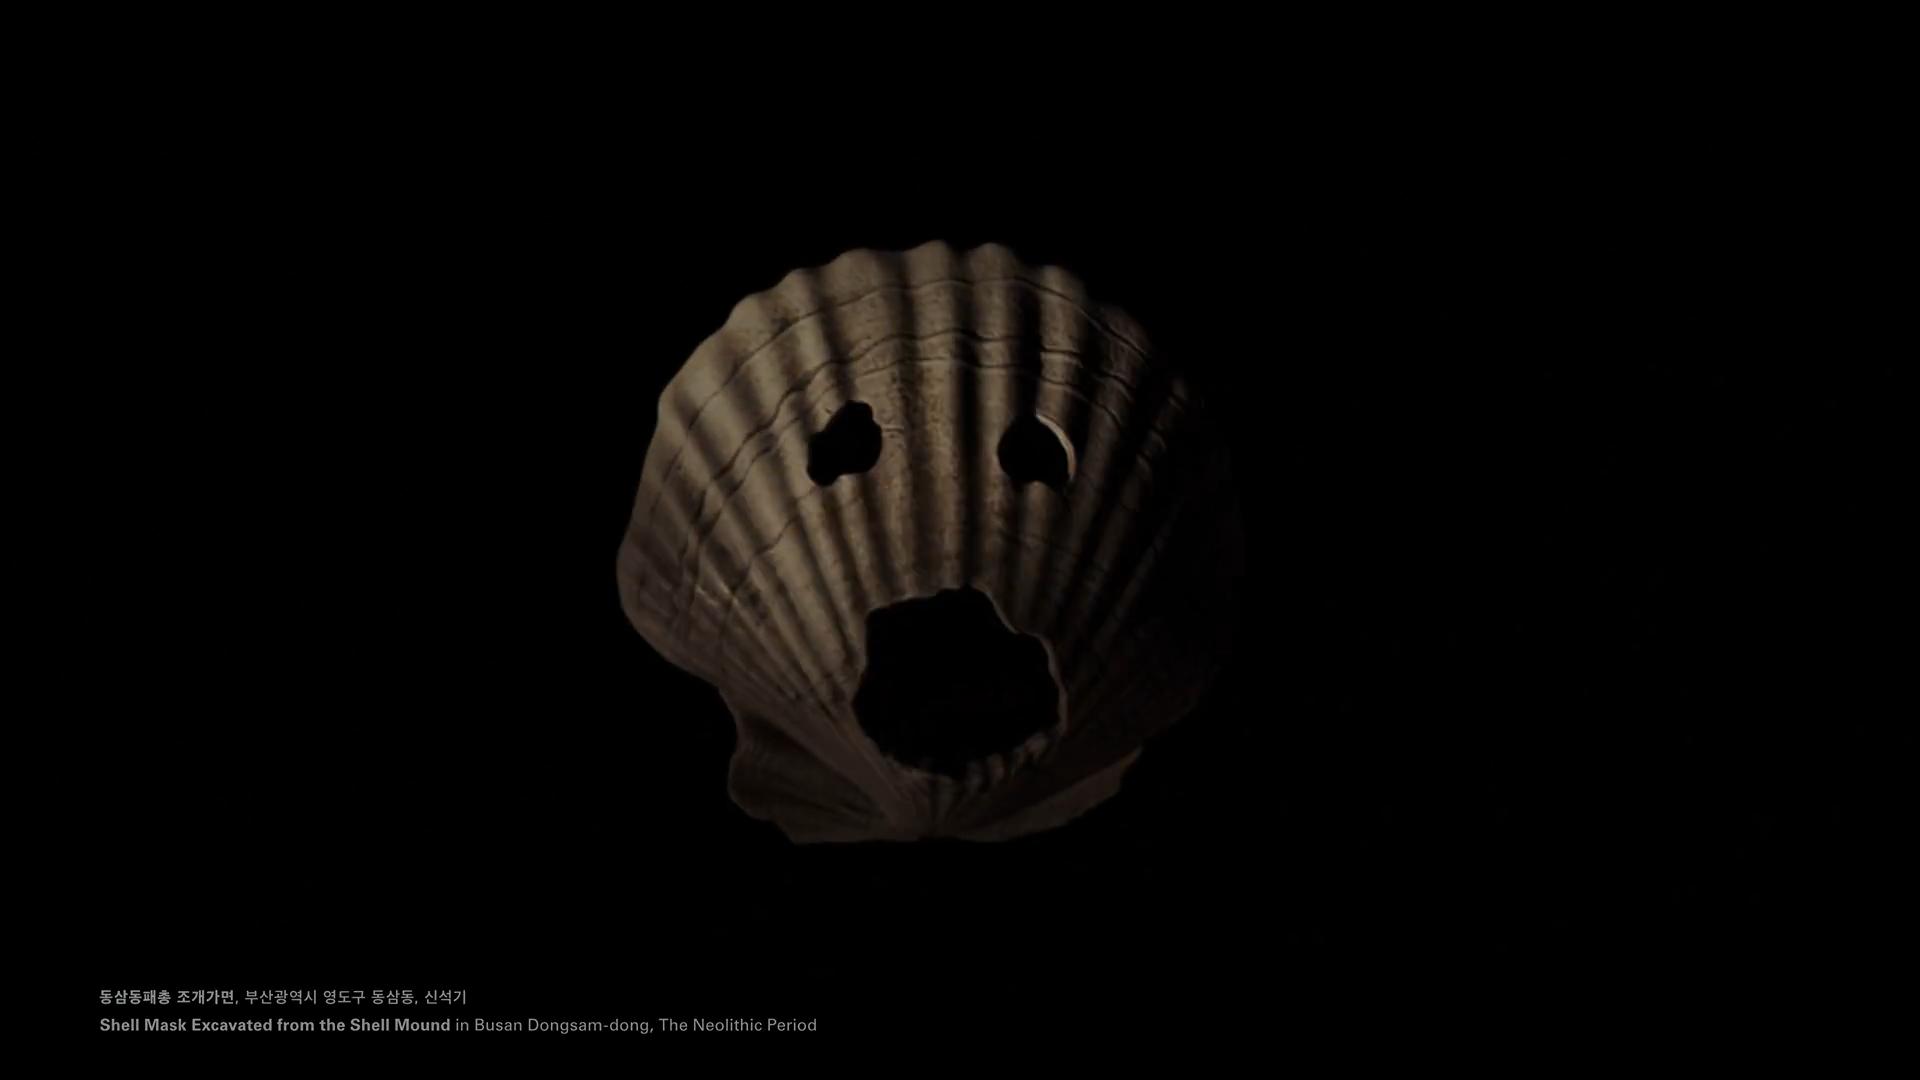 ยุคสมัยนีโอลิธิก – เปลือกหอยรูปหน้ากาก ขุดพบจากแหล่งโบราณคดีเปลือกหอยใน ปูซาน ดงซาม-ดง